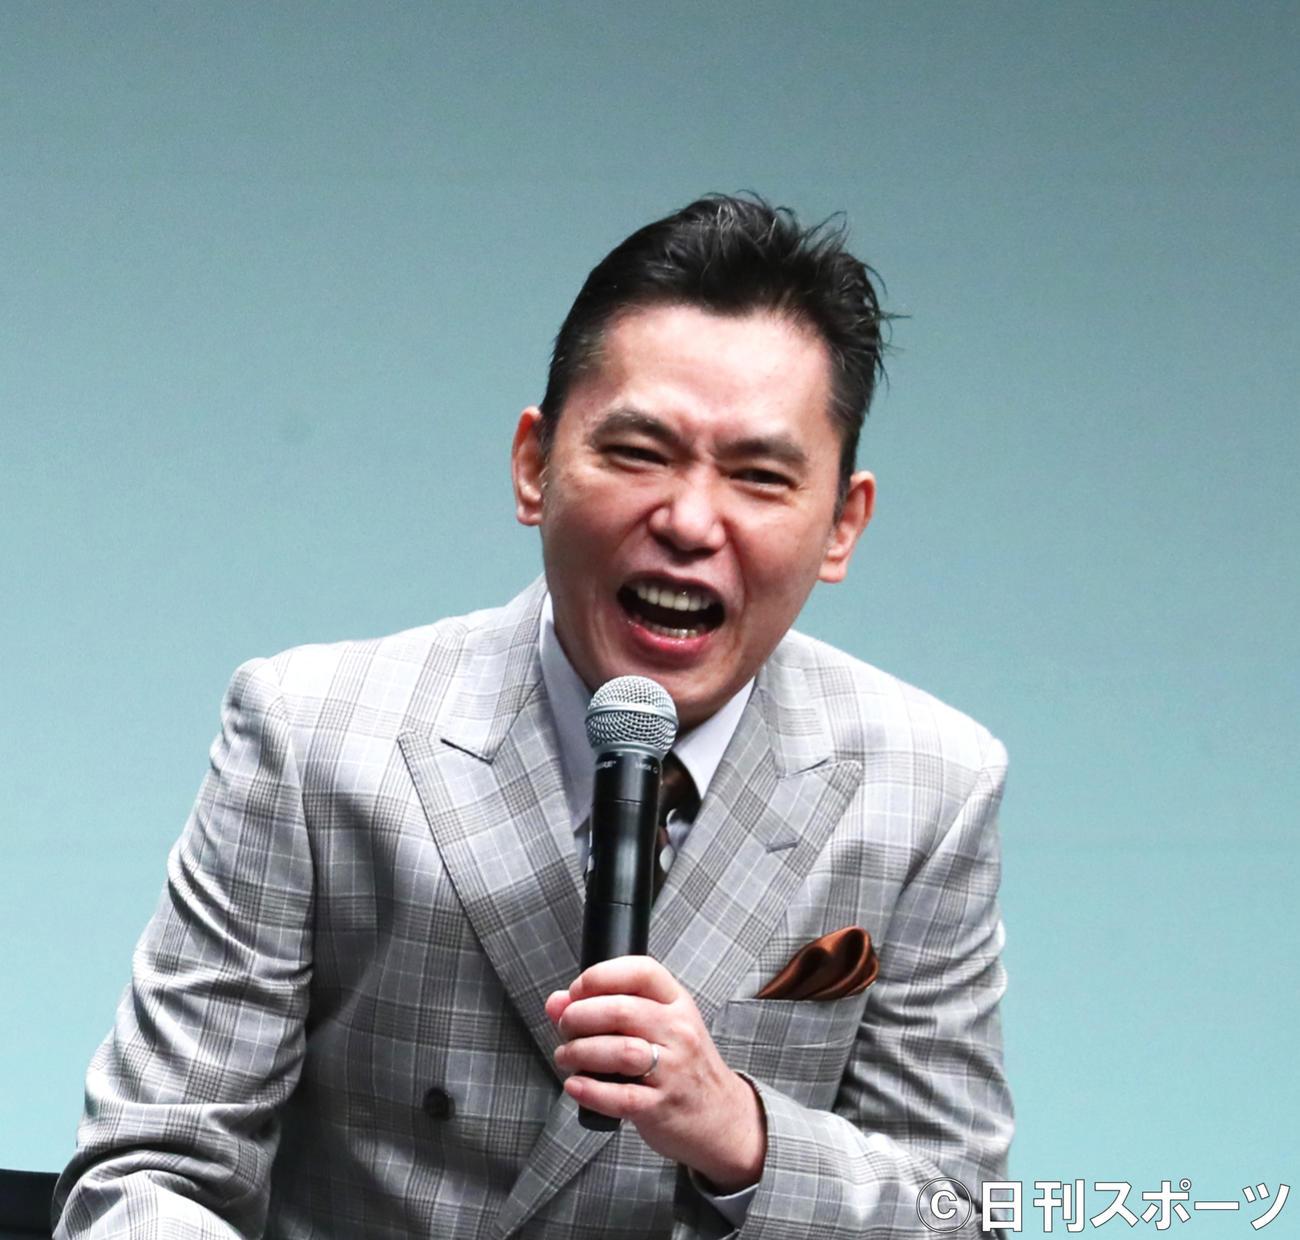 太田光(2020年8月28日撮影)